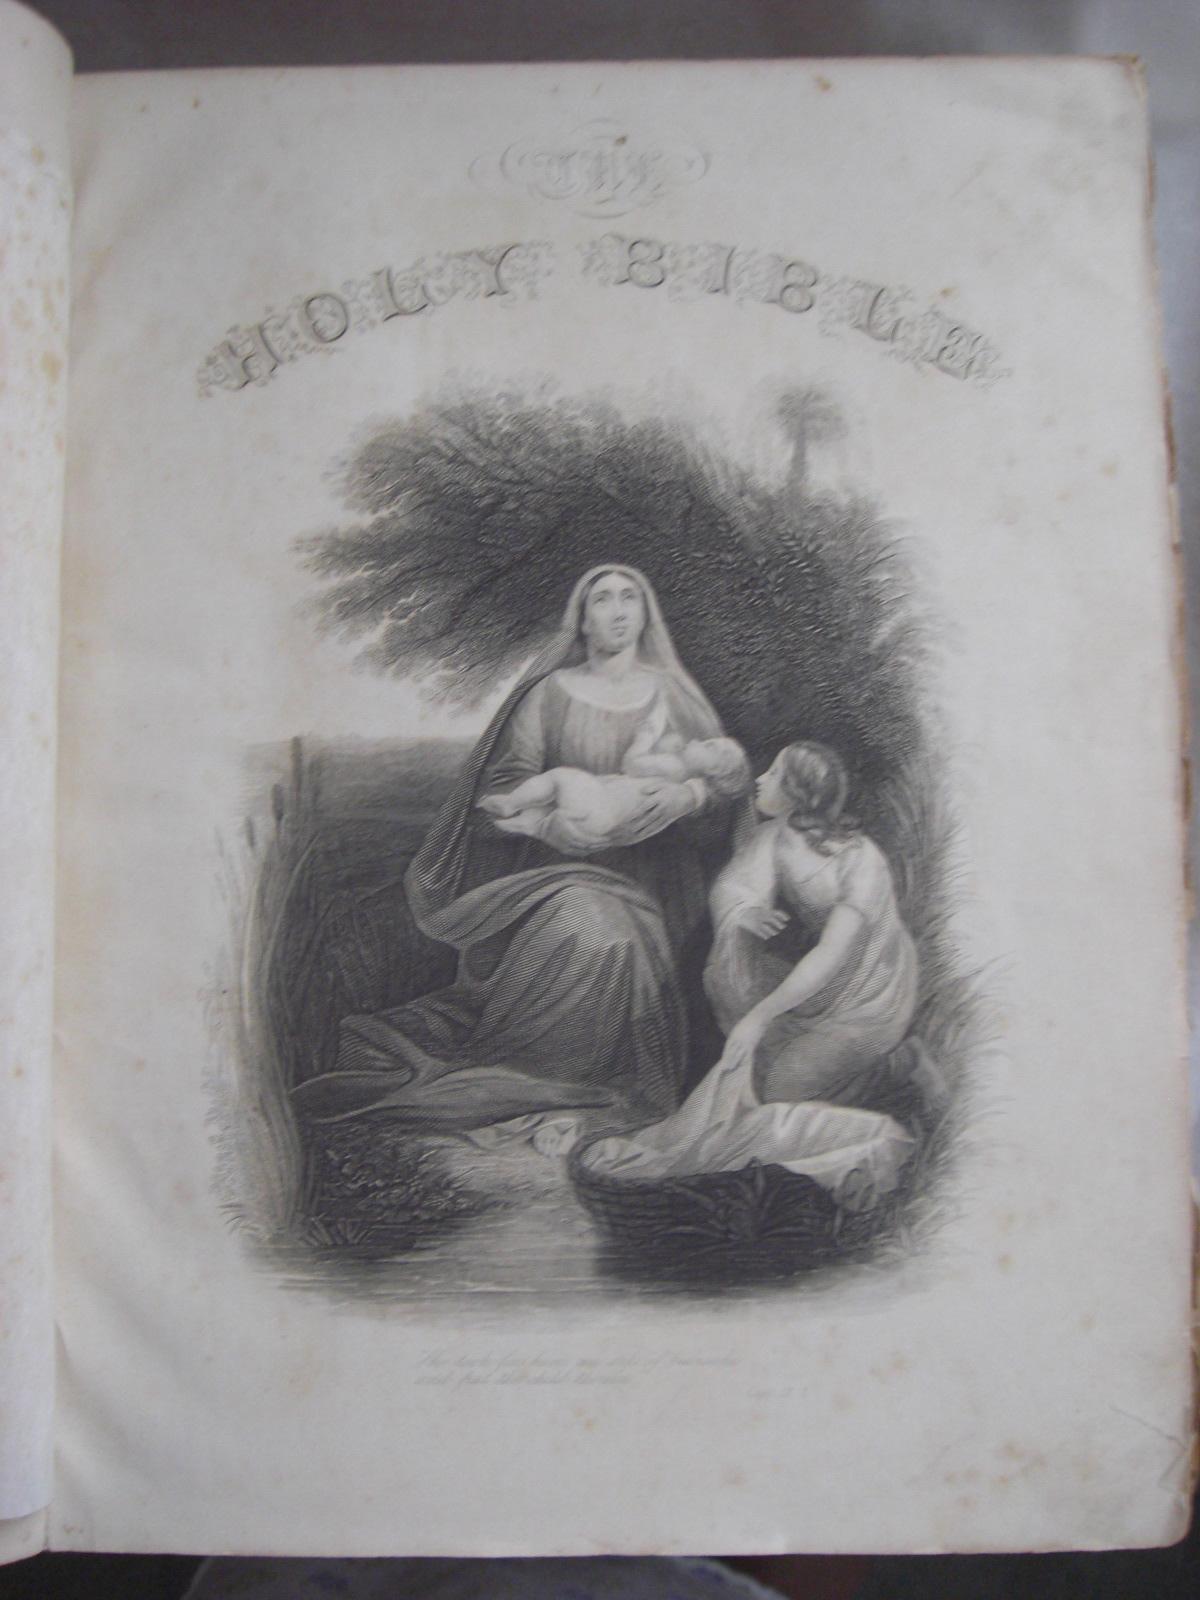 http://2.bp.blogspot.com/-TOf8XhMRt84/UCrAf76bD9I/AAAAAAAAAbo/DMTa32UilQw/s1600/Bible+7.JPG